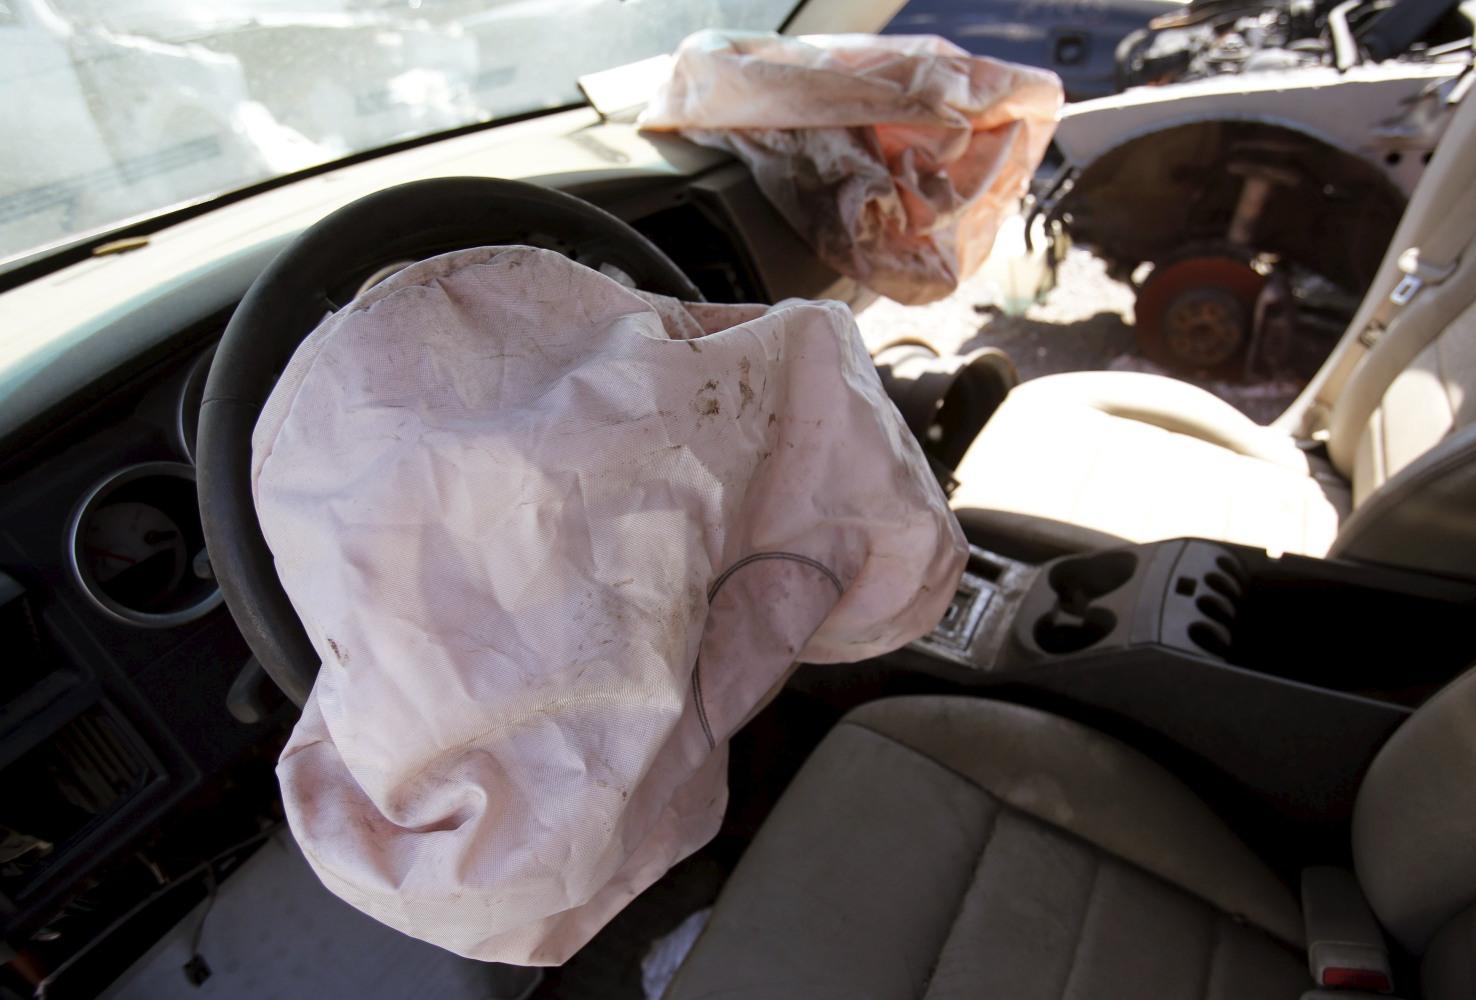 takata air bag recall honda models top priority list for repairs nbc news. Black Bedroom Furniture Sets. Home Design Ideas